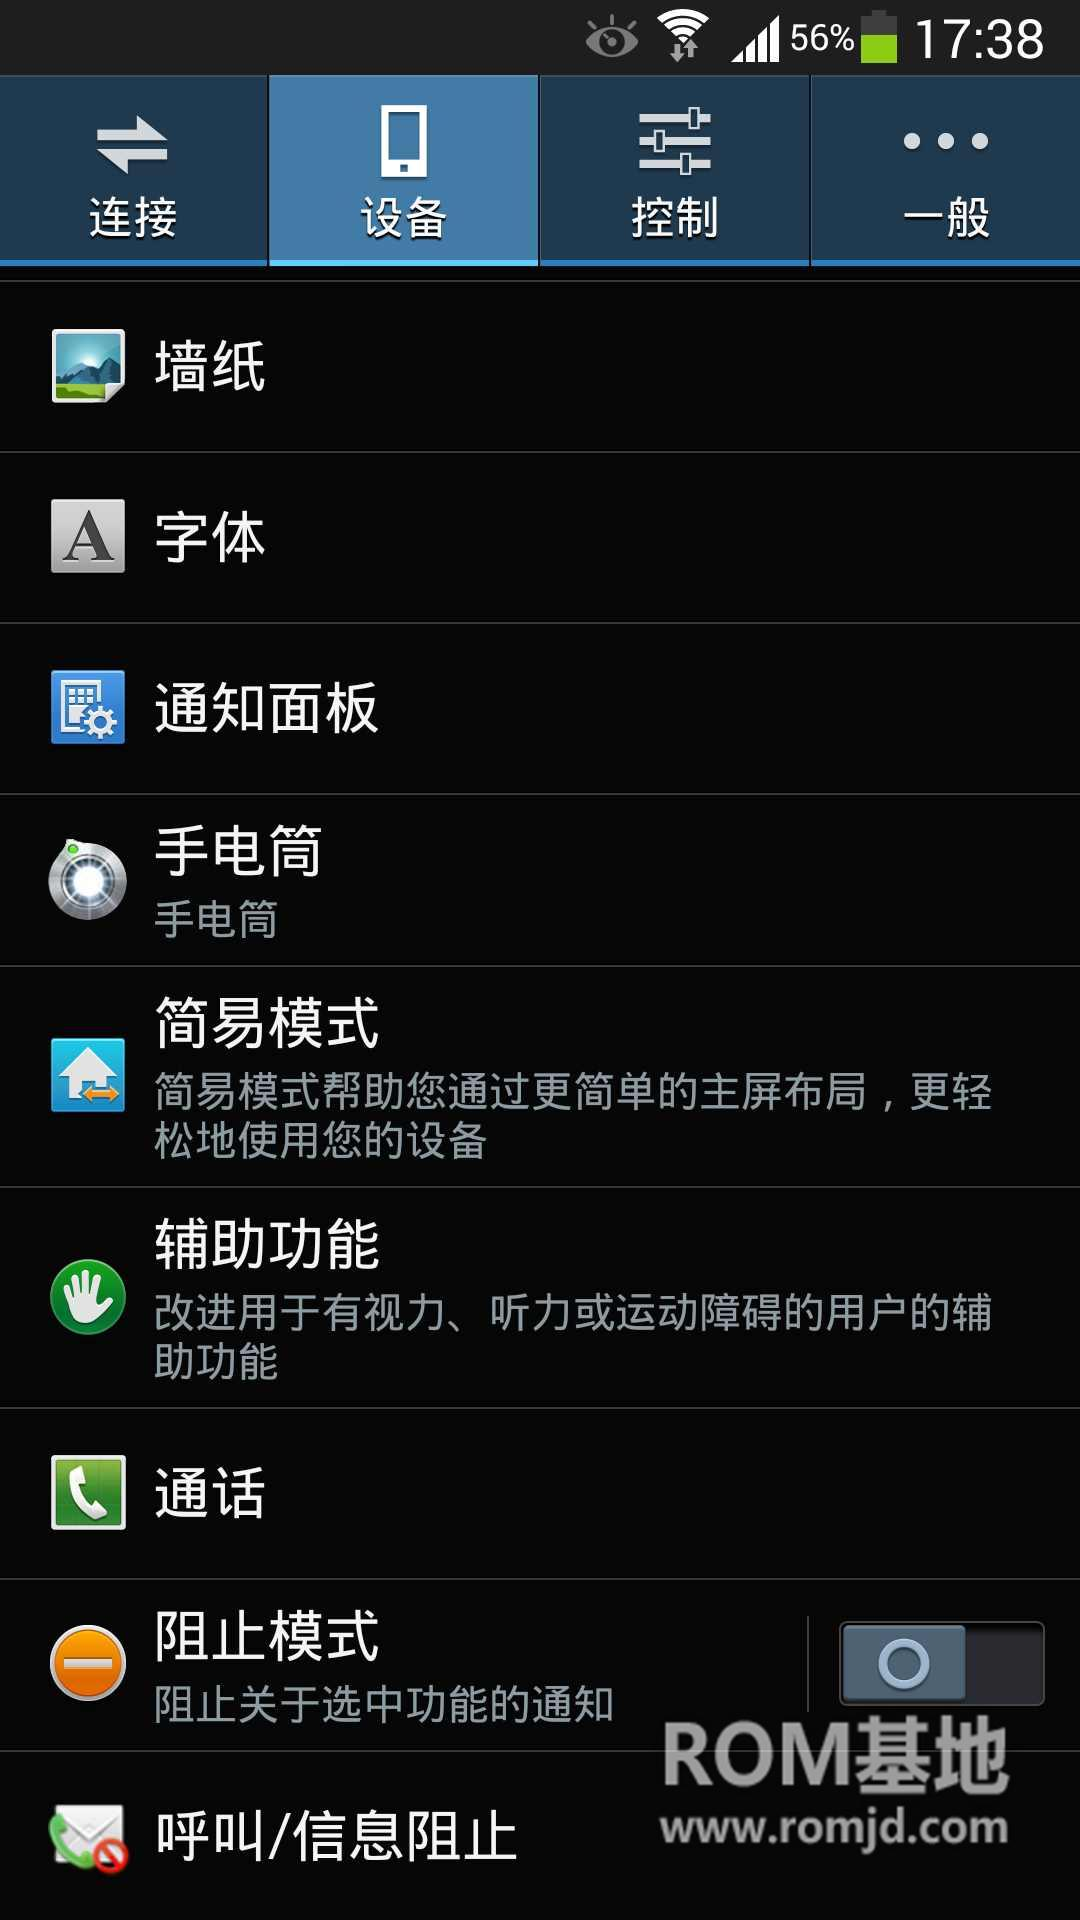 绿化纯净 三星 N900 Note3 基于ZSUCMK1制作 纯净版刷机包